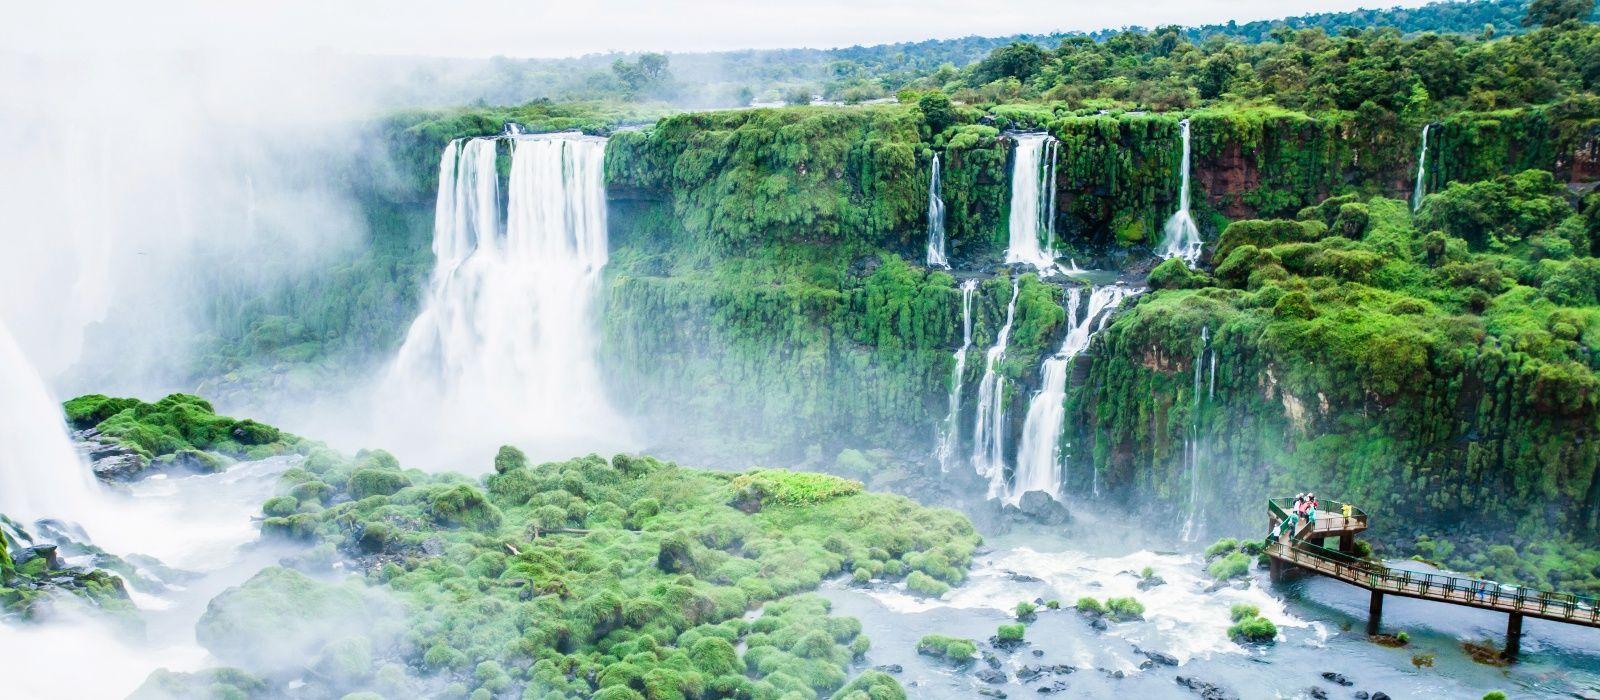 Brasilien: Amazonas, endlose Strände und tosende Wasserfälle Urlaub 3